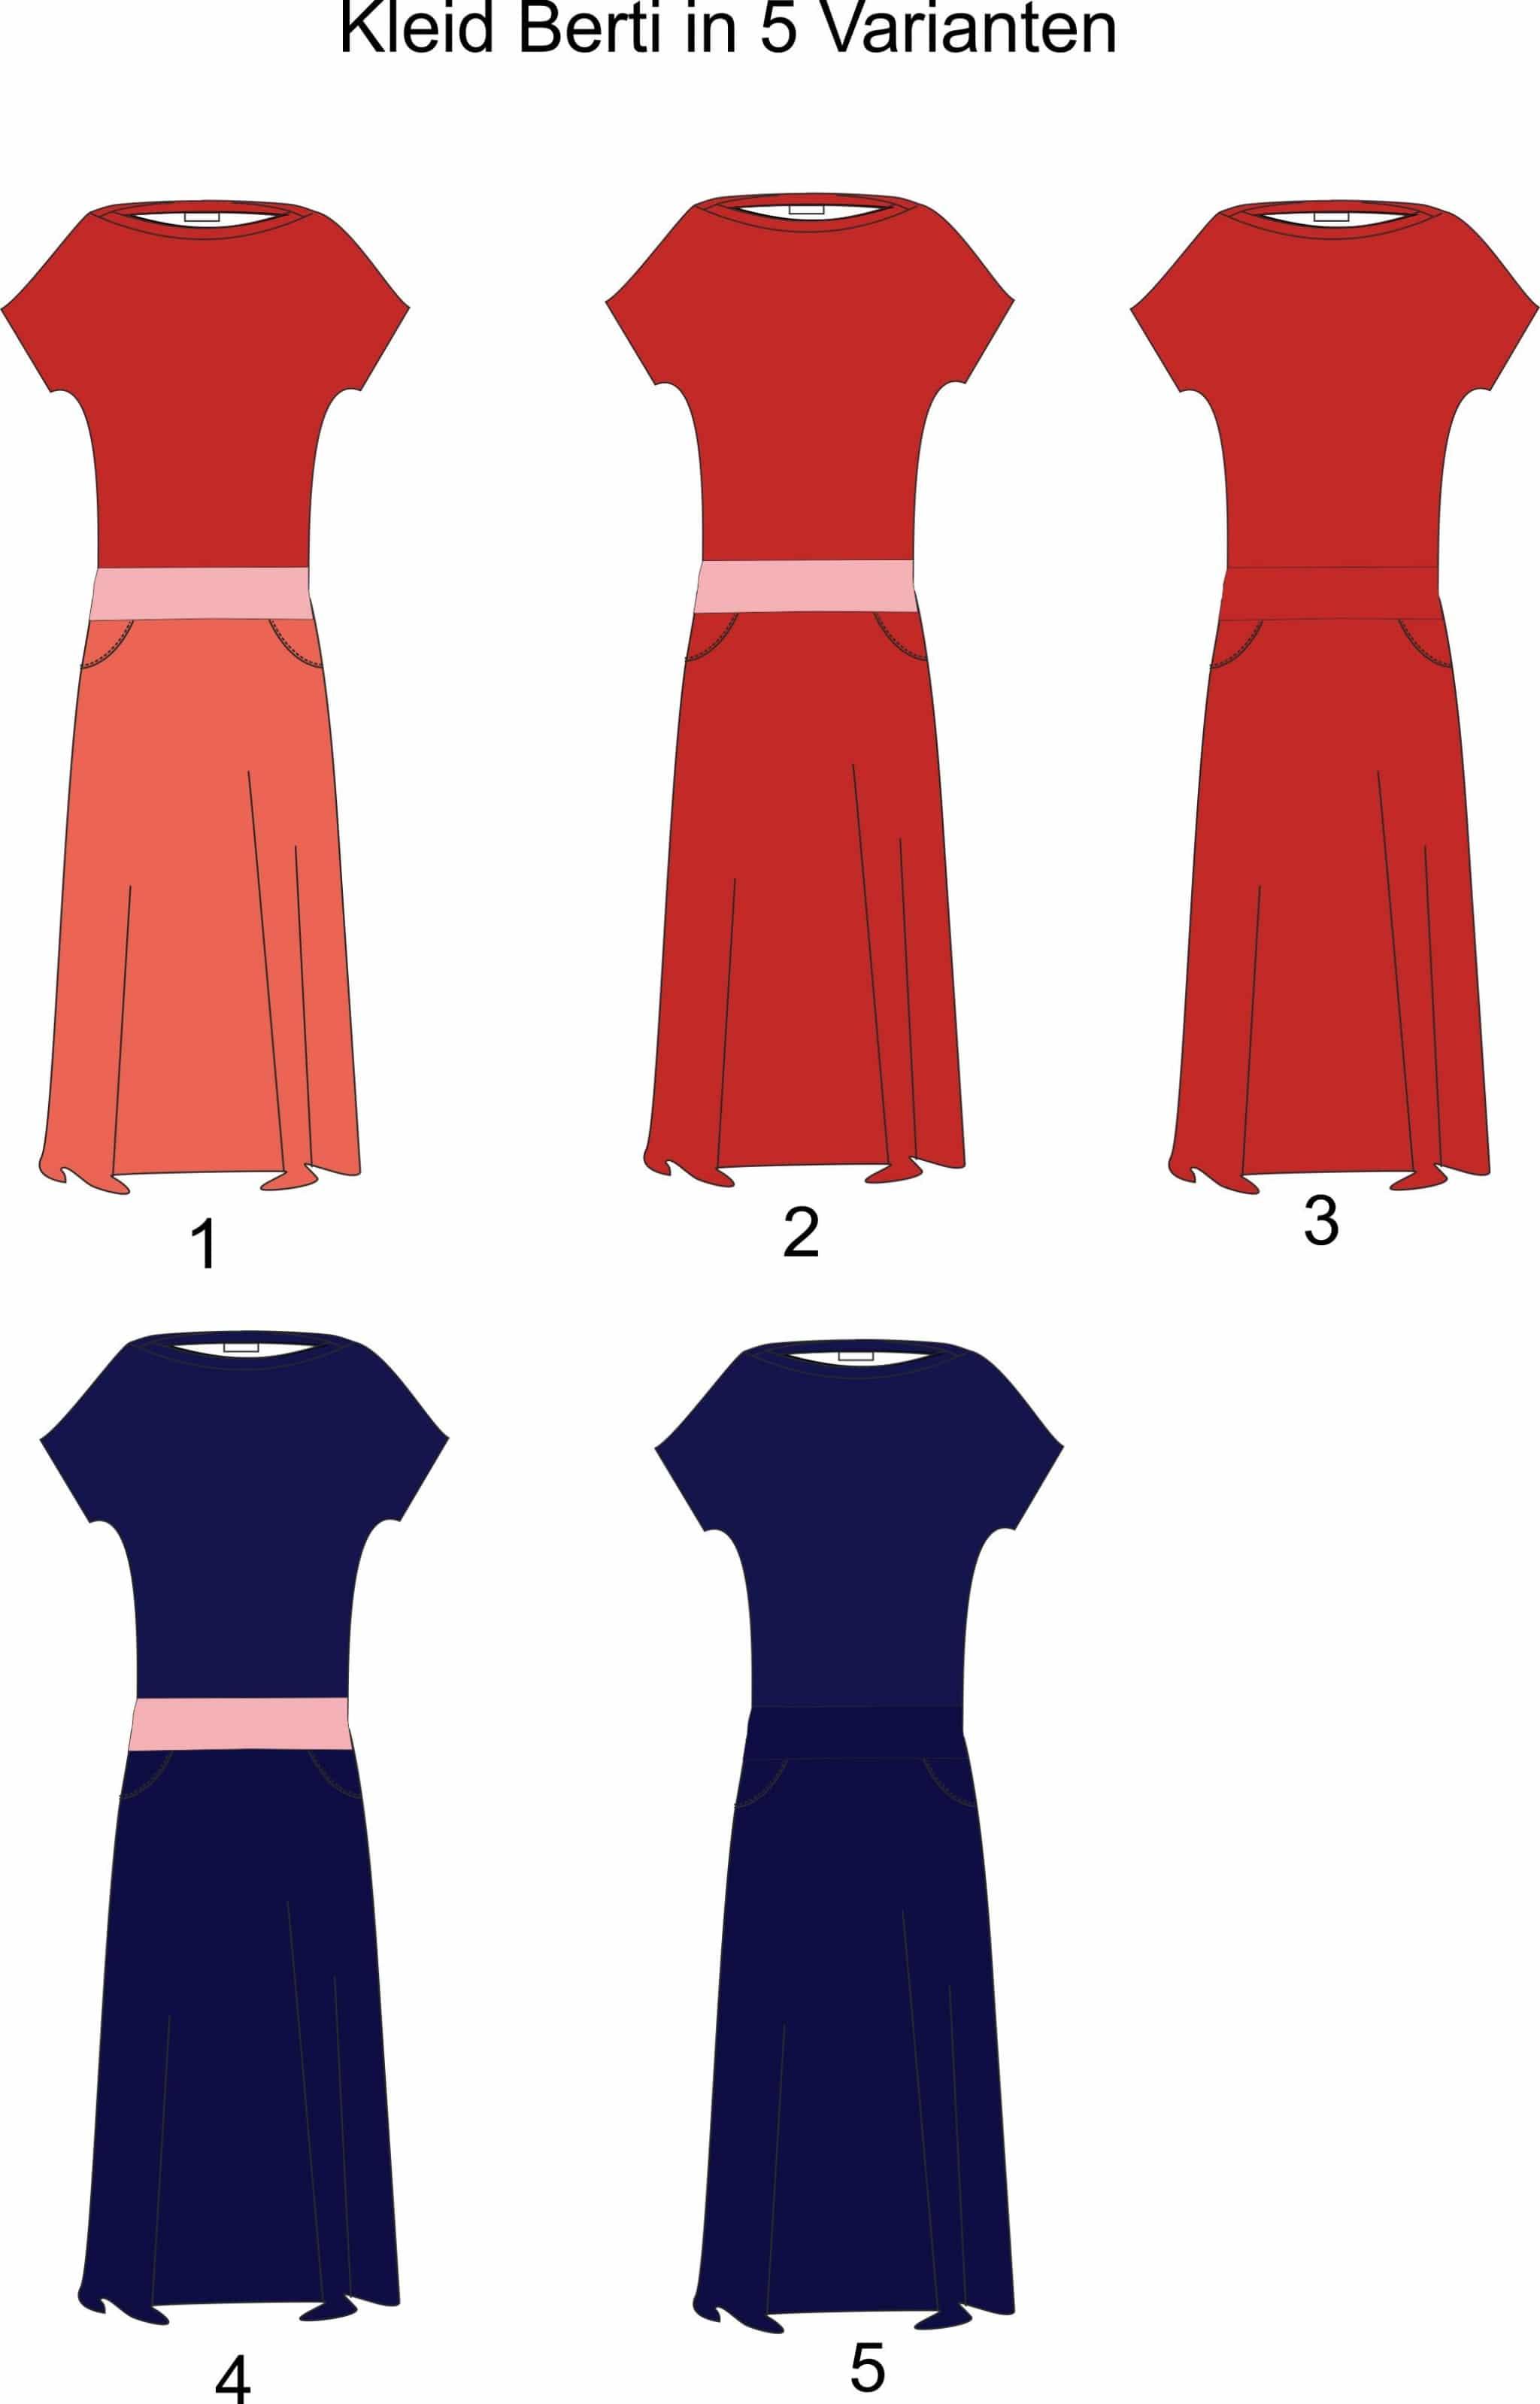 kleid berit in 5 varianten onlineshop